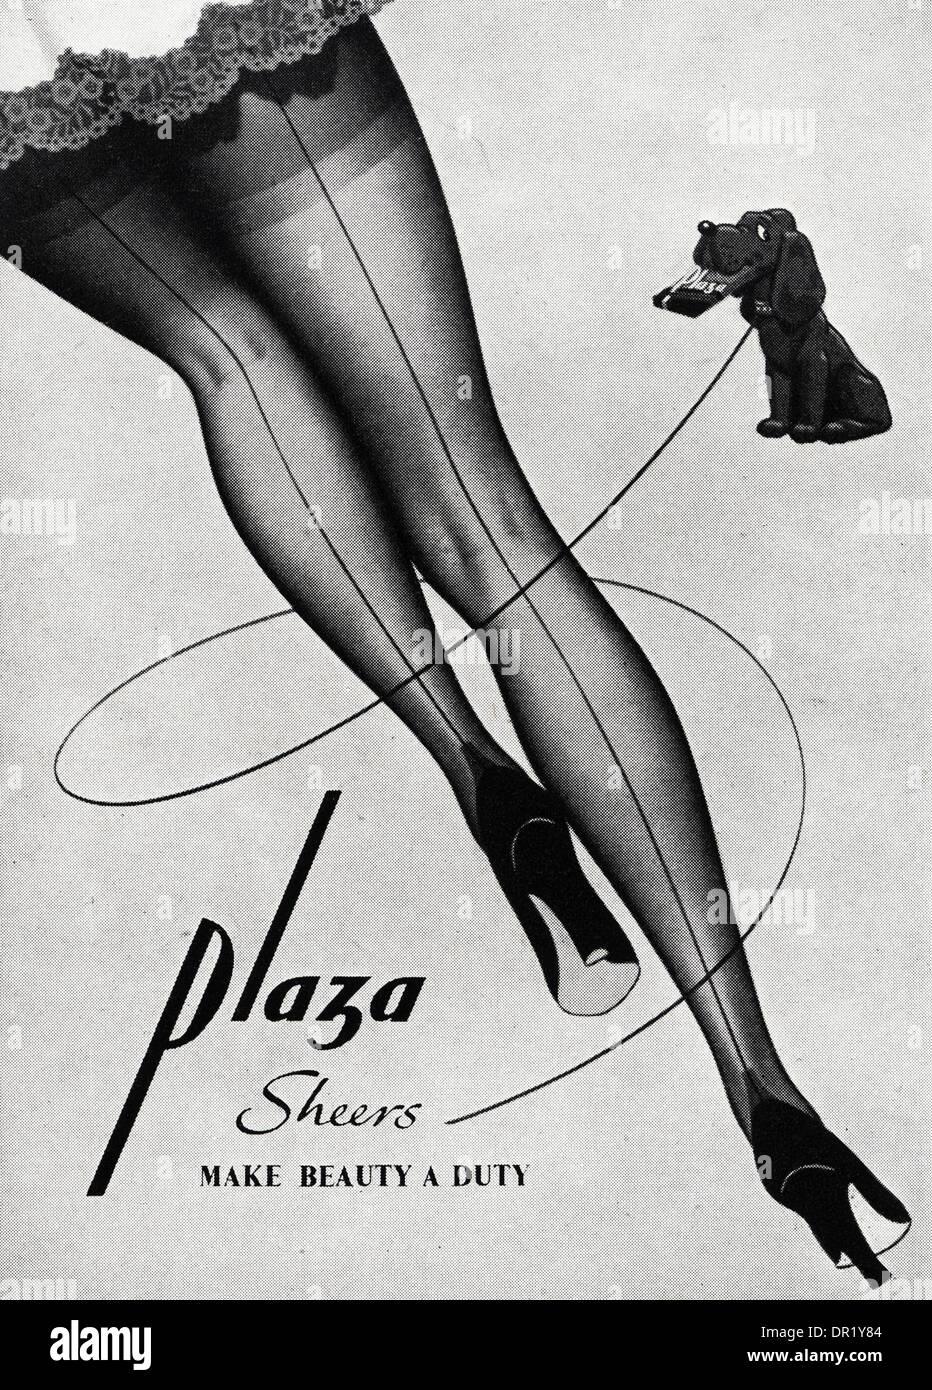 1950 Publicité Publicité PLAZA bas. Annonce dans le magazine de mode pour femmes vers 1952. Photo Stock